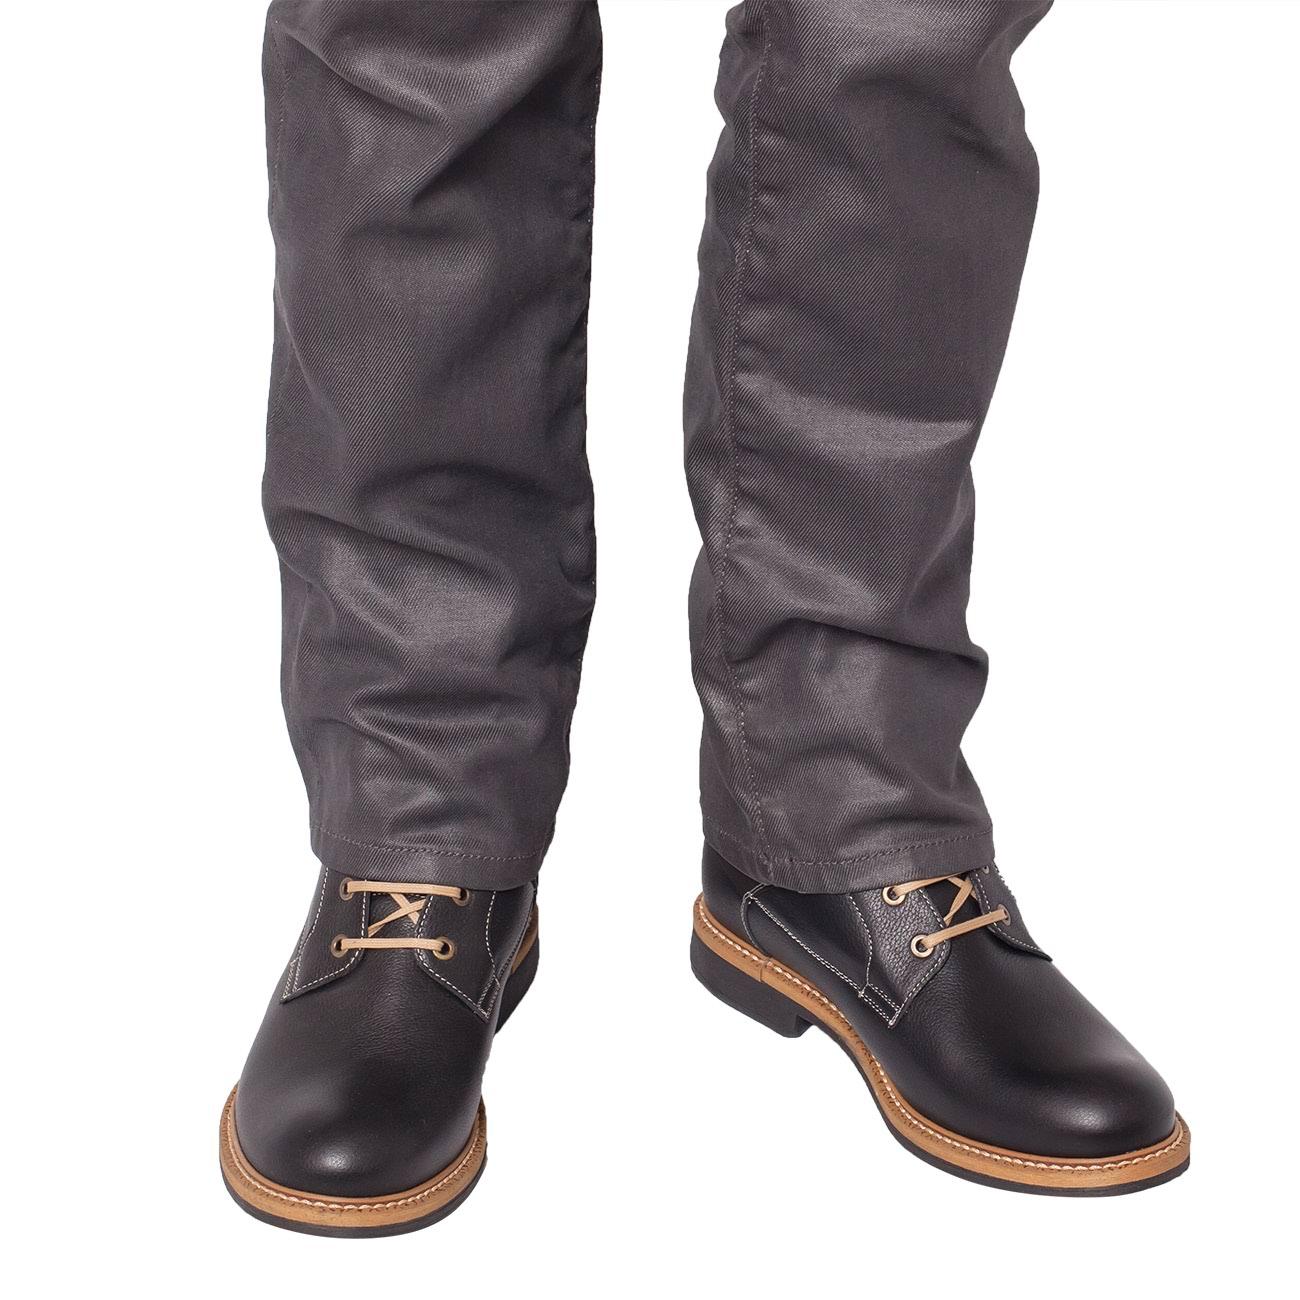 9908fbf6 «Мужские зимние кожаные высокие ботинки на натуральном меху  C-3845K/828-807-228 (OP) в интернет-магазине Kwinto» — карточка  пользователя arzyanin в Яндекс. ...